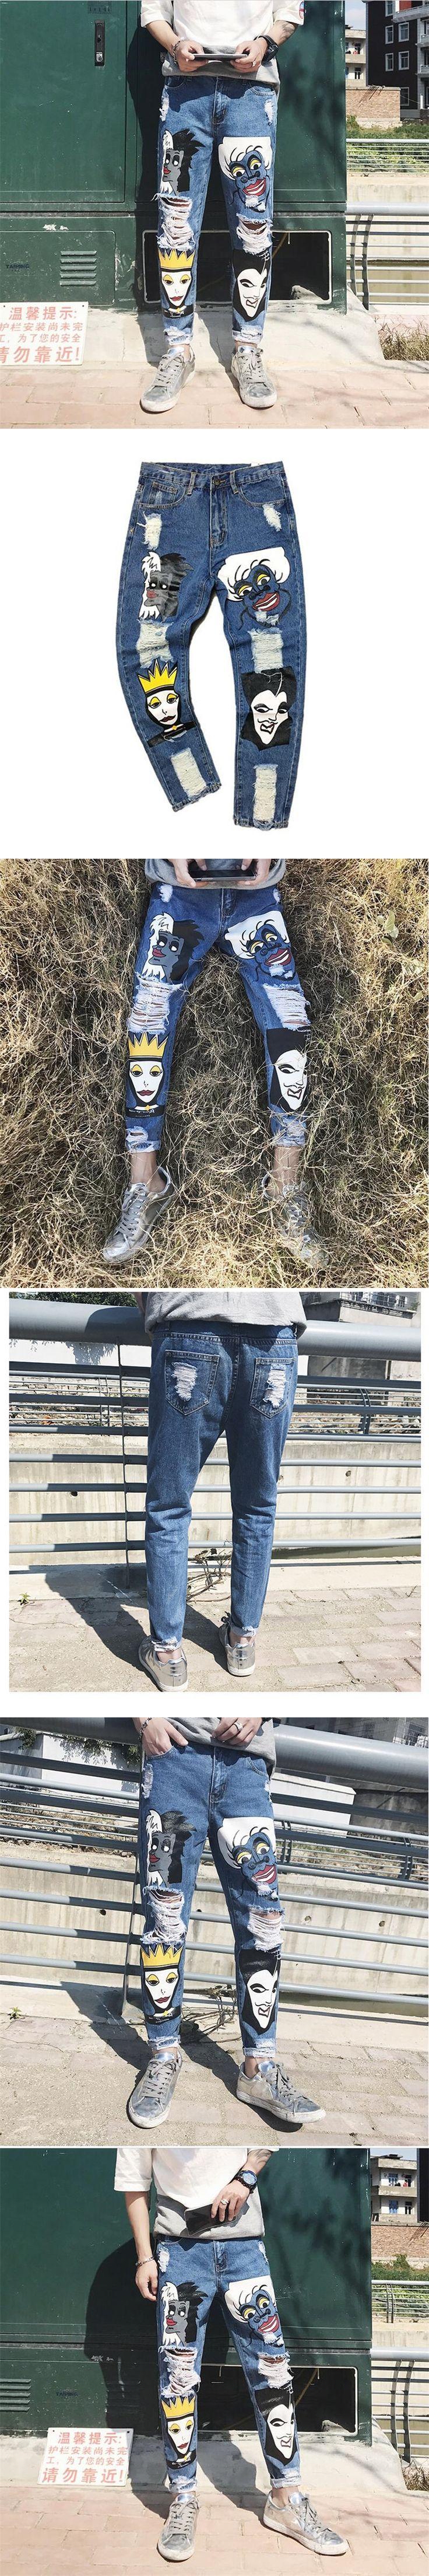 2017 New Men Biker Jeans Retro Vintage Denim Pants Print Slim Fit Tapered Hip Hop Blue Quality Jeans Boys Joggers Pants   A3394